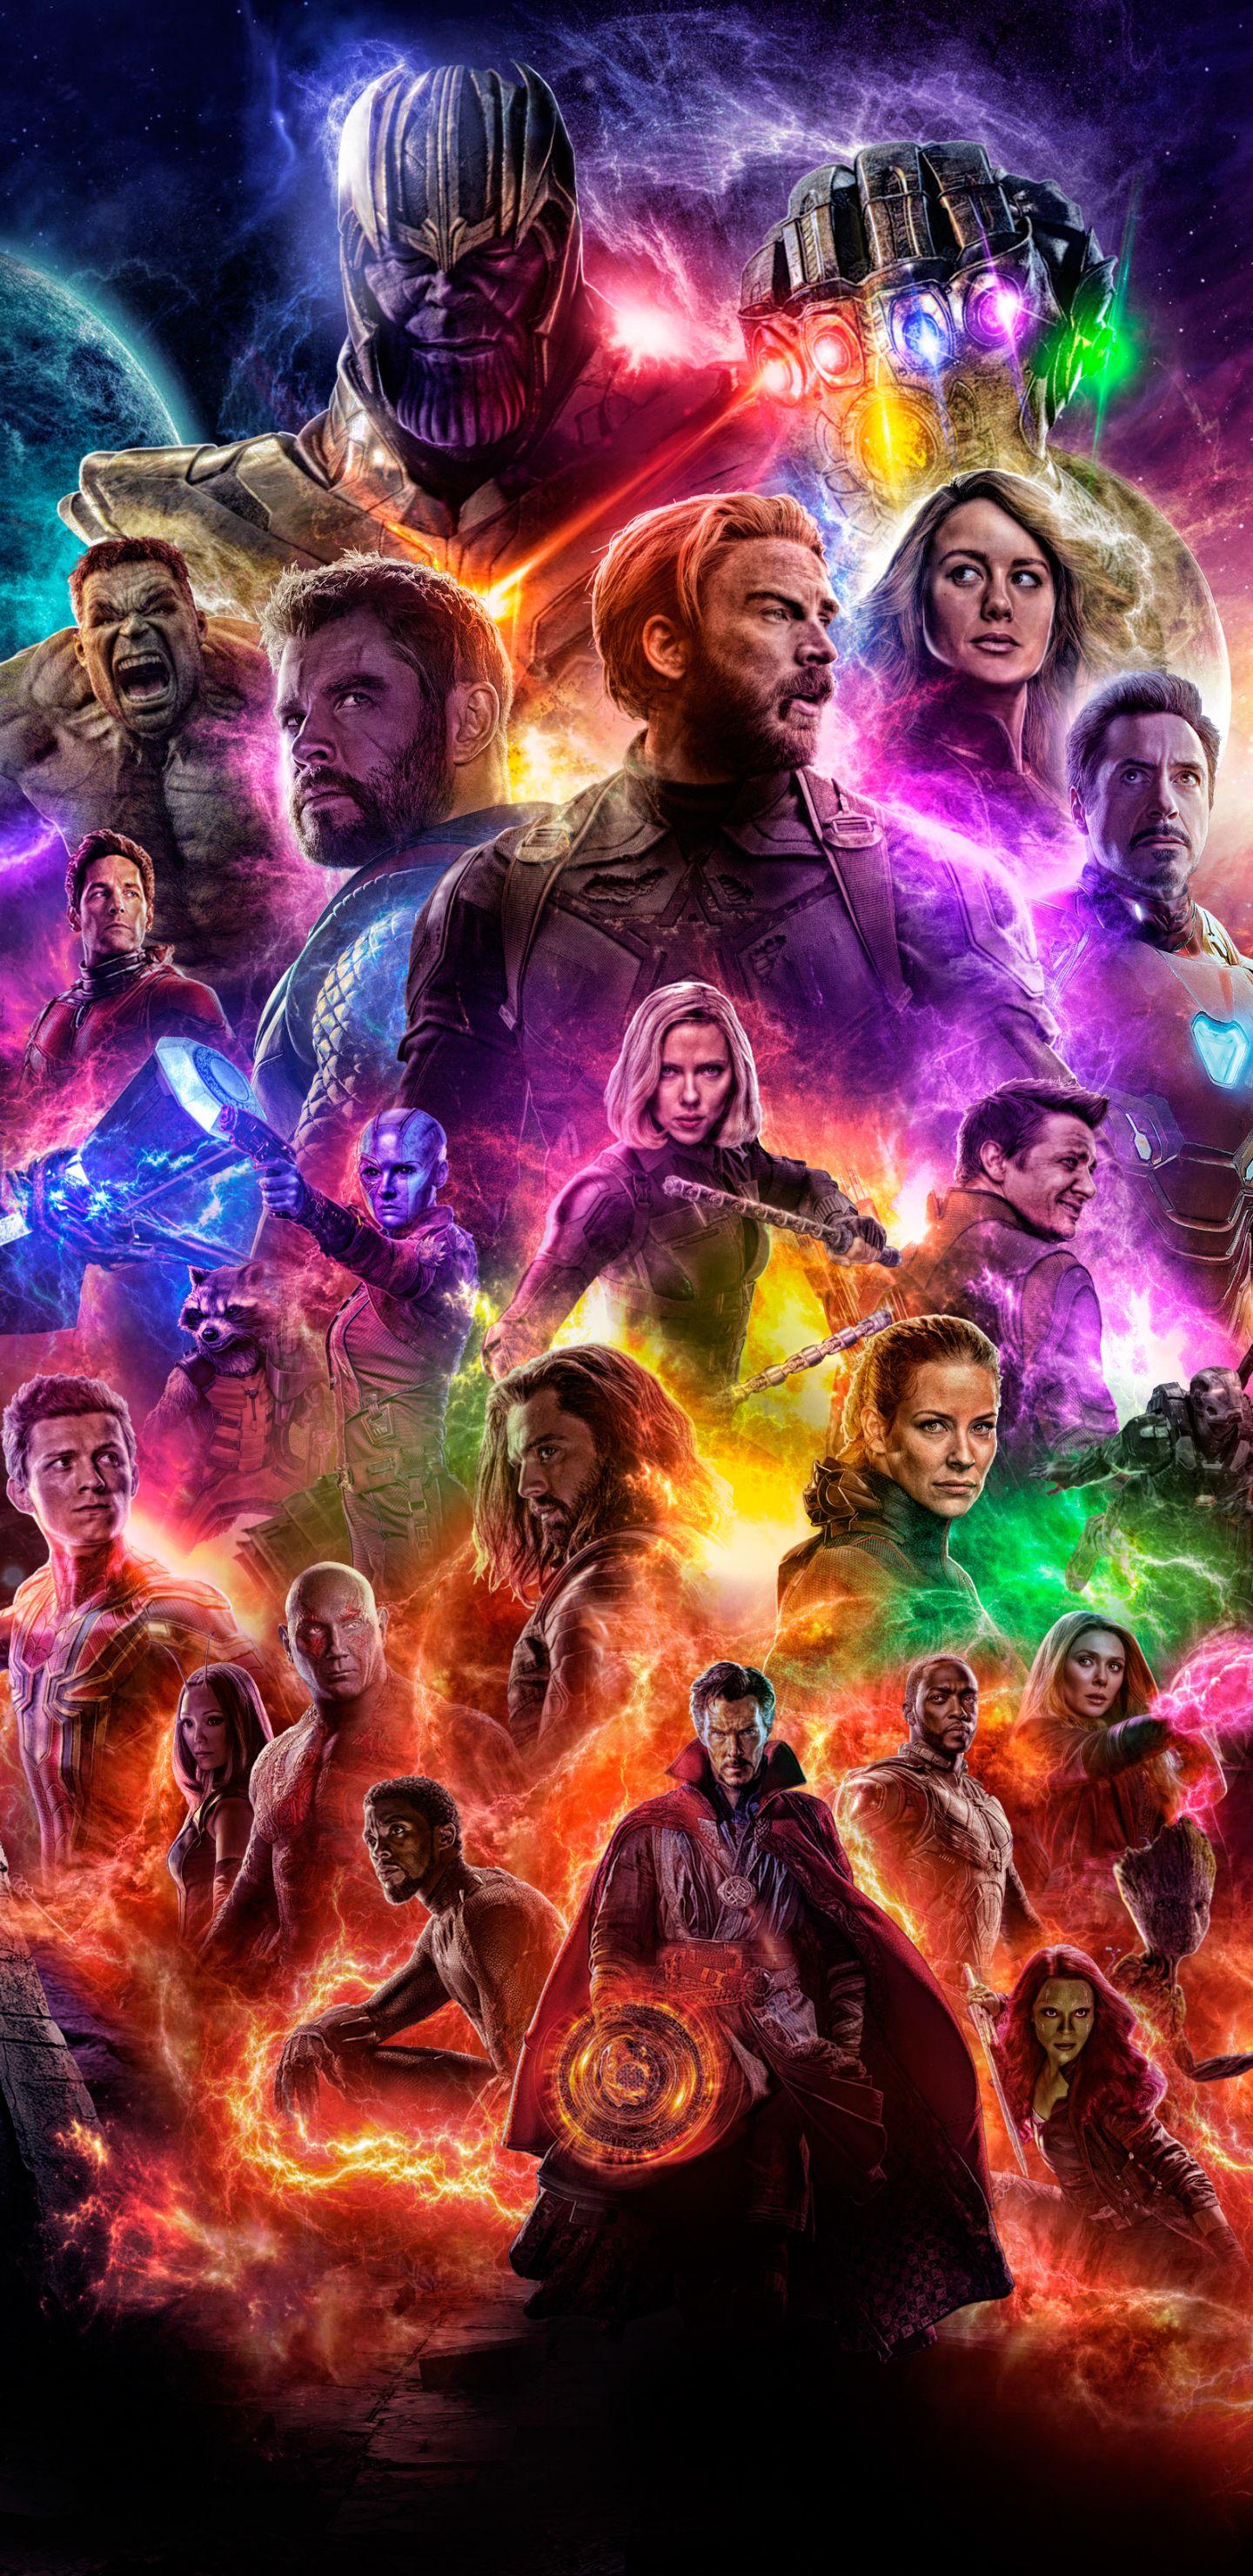 Avengers Endgame Fond D écran Pour Cellulaire 81